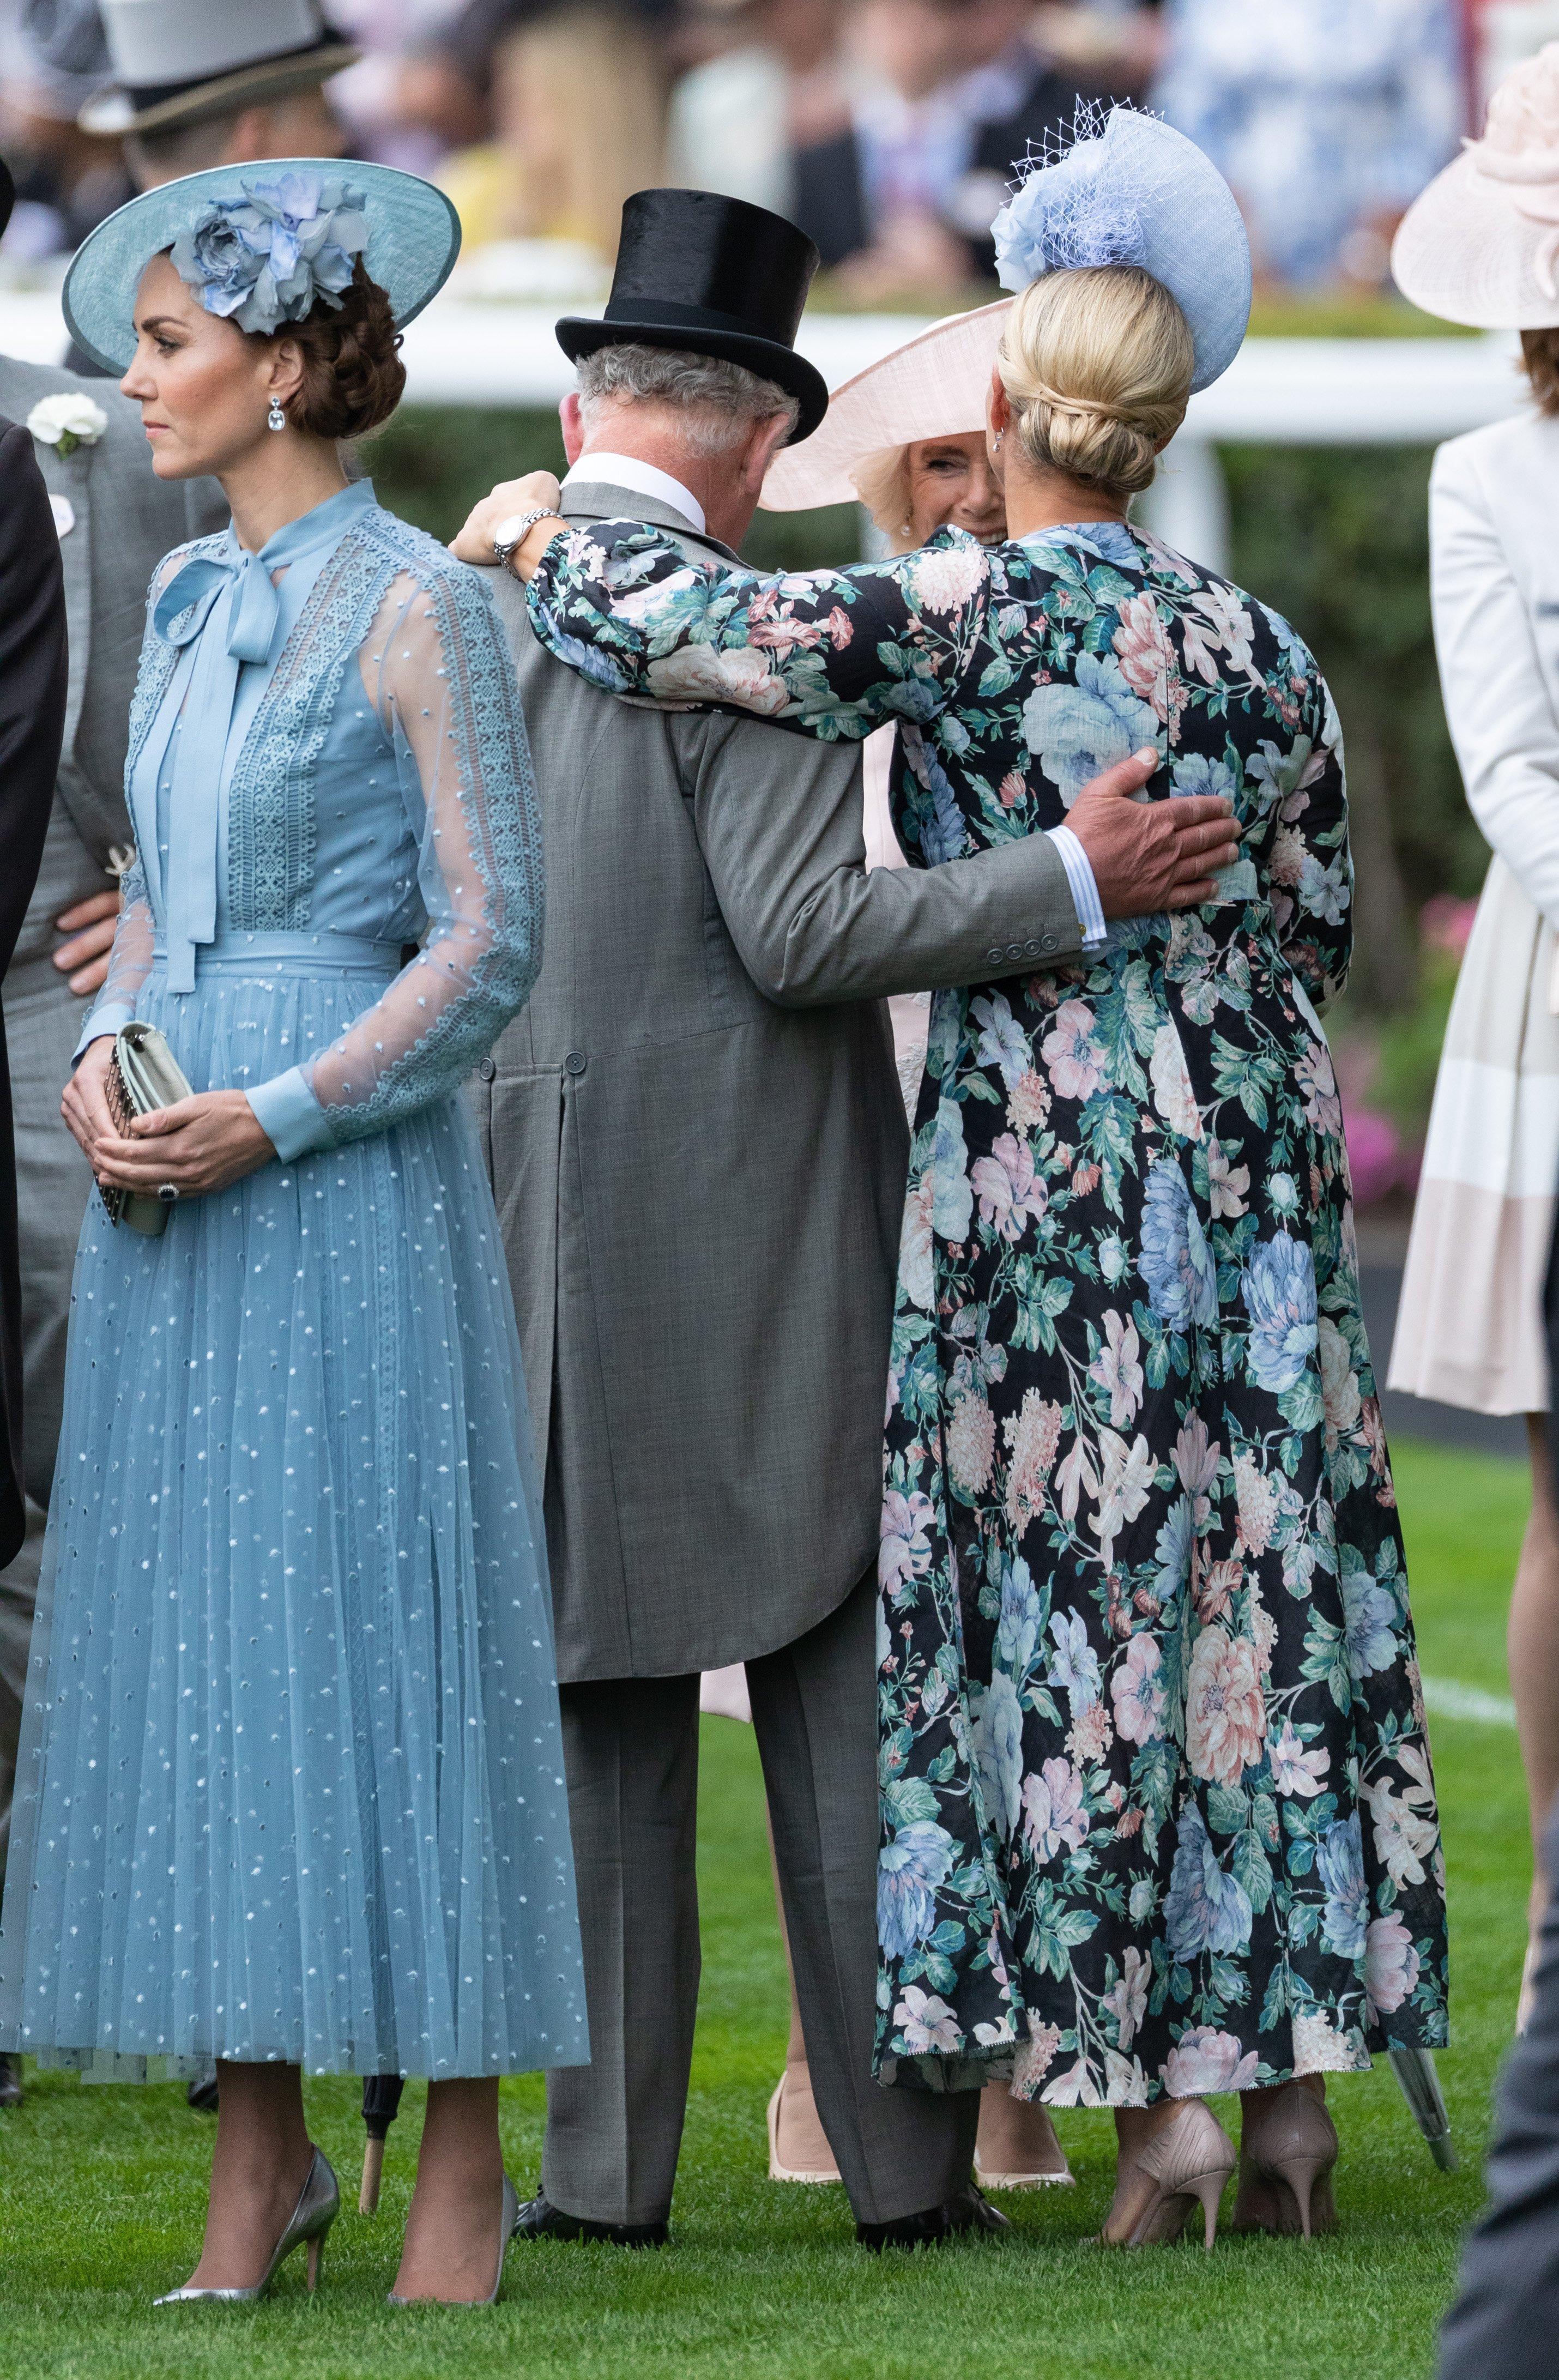 El príncipe Charles y Zara Tindall en el hipódromo de Ascot. | Fuente: Getty Images